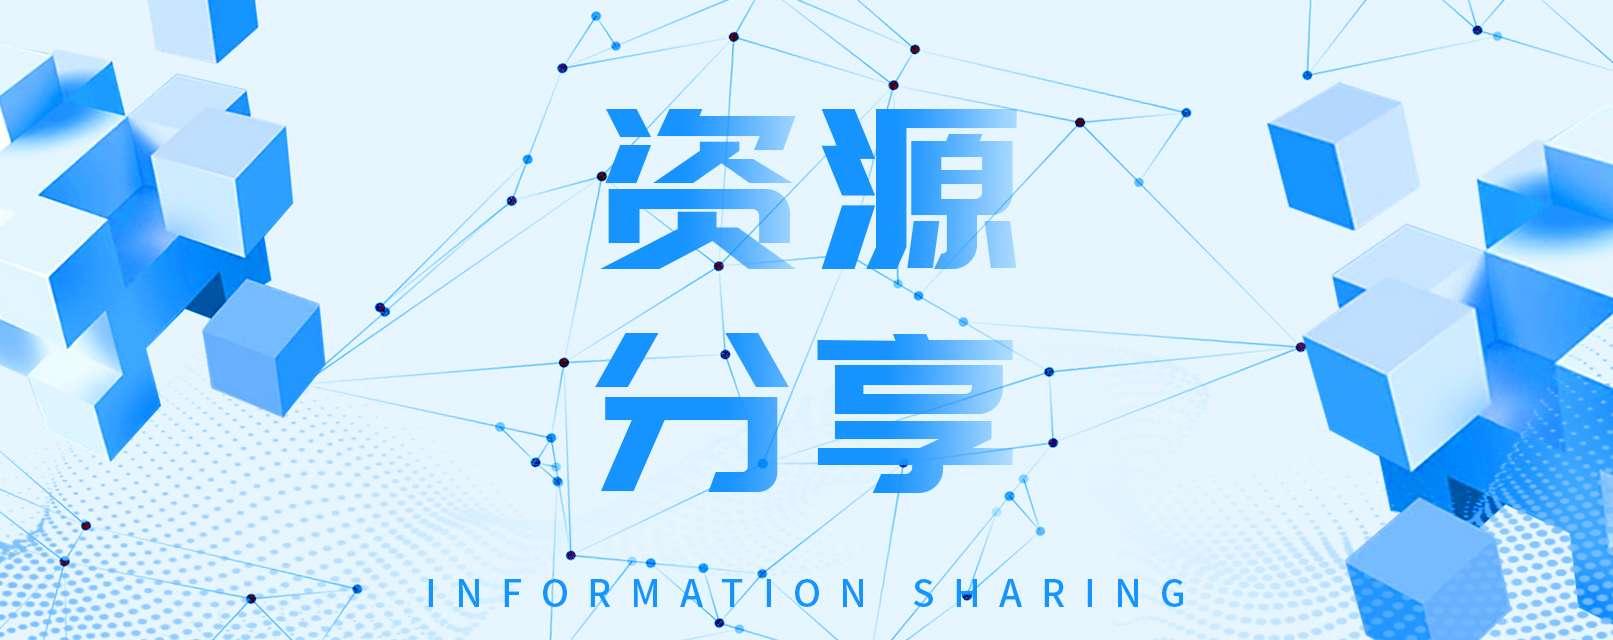 【资源分享】大白恢复专家(恢复不小心删除的软件/数据)